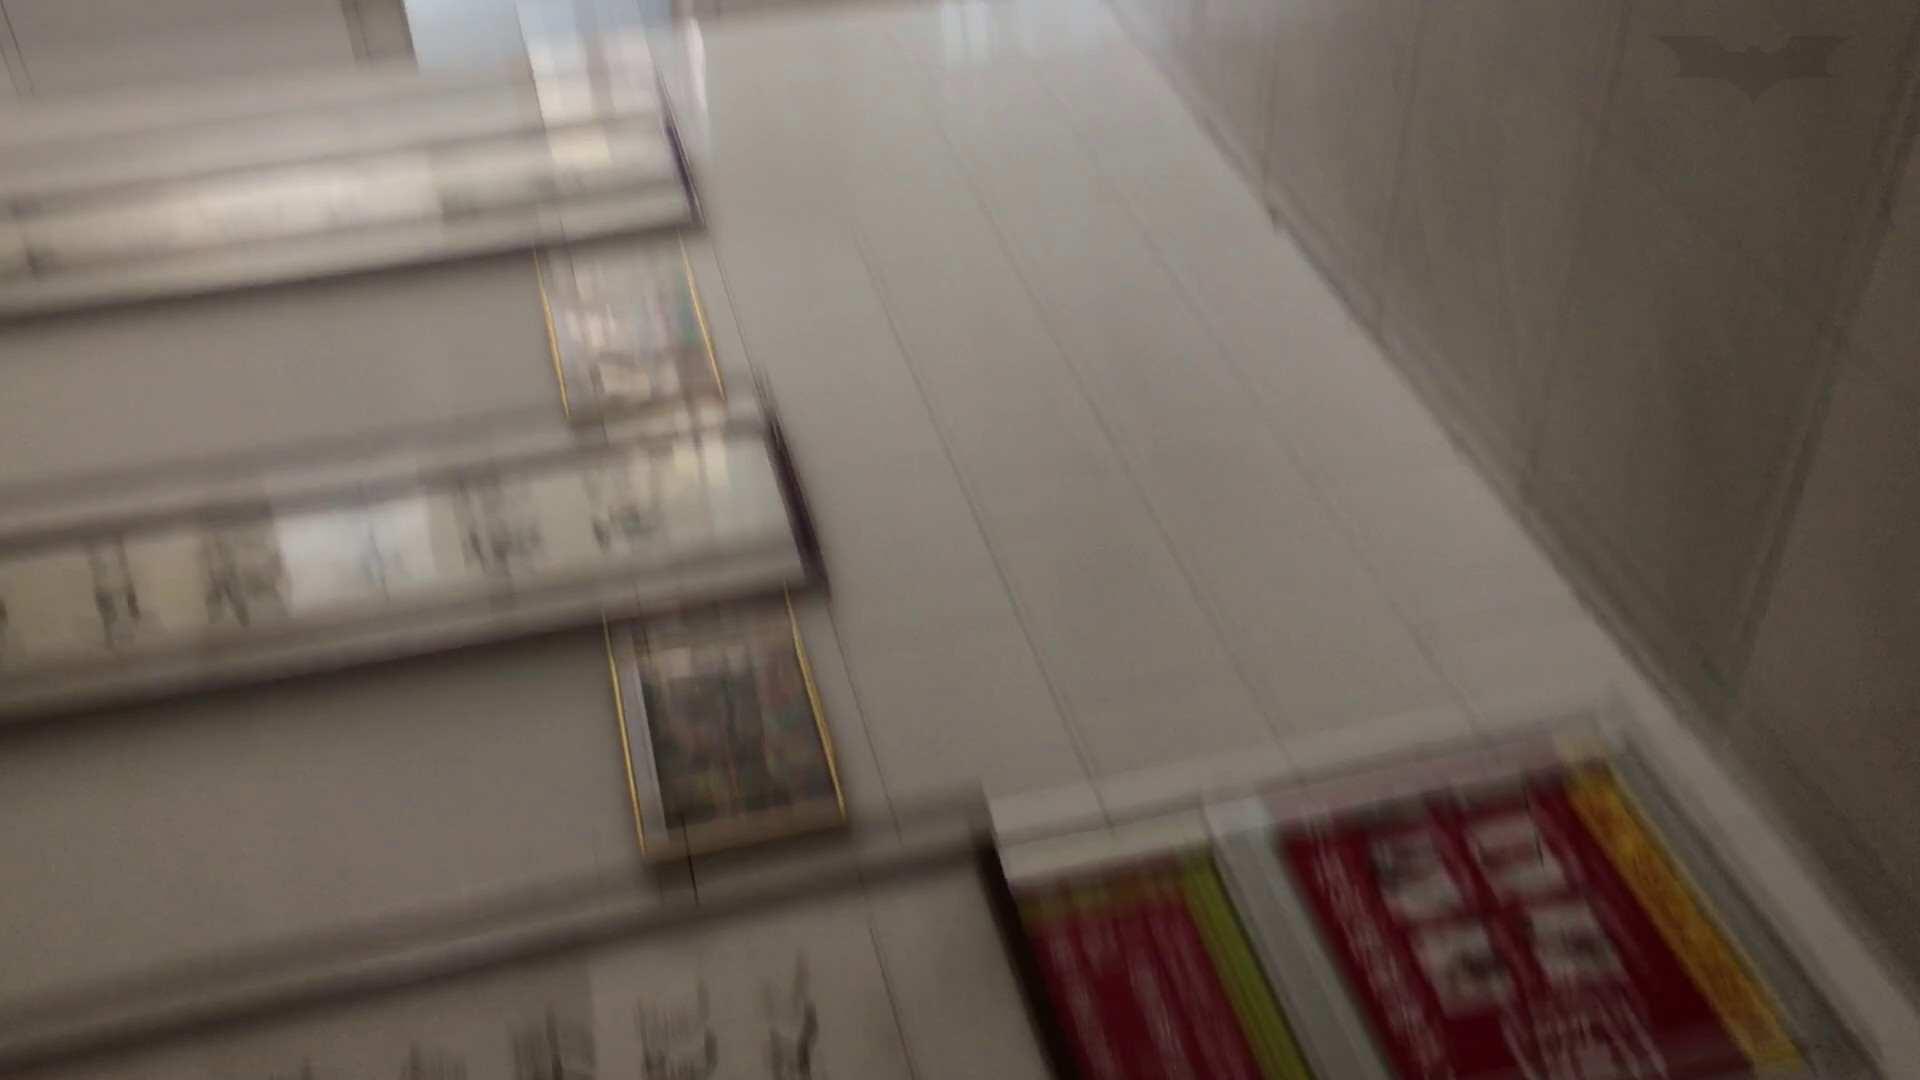 芸術大学ガチ潜入盗撮 JD盗撮 美女の洗面所の秘密 Vol.90 洗面所着替え | 盗撮エロすぎ  44連発 31